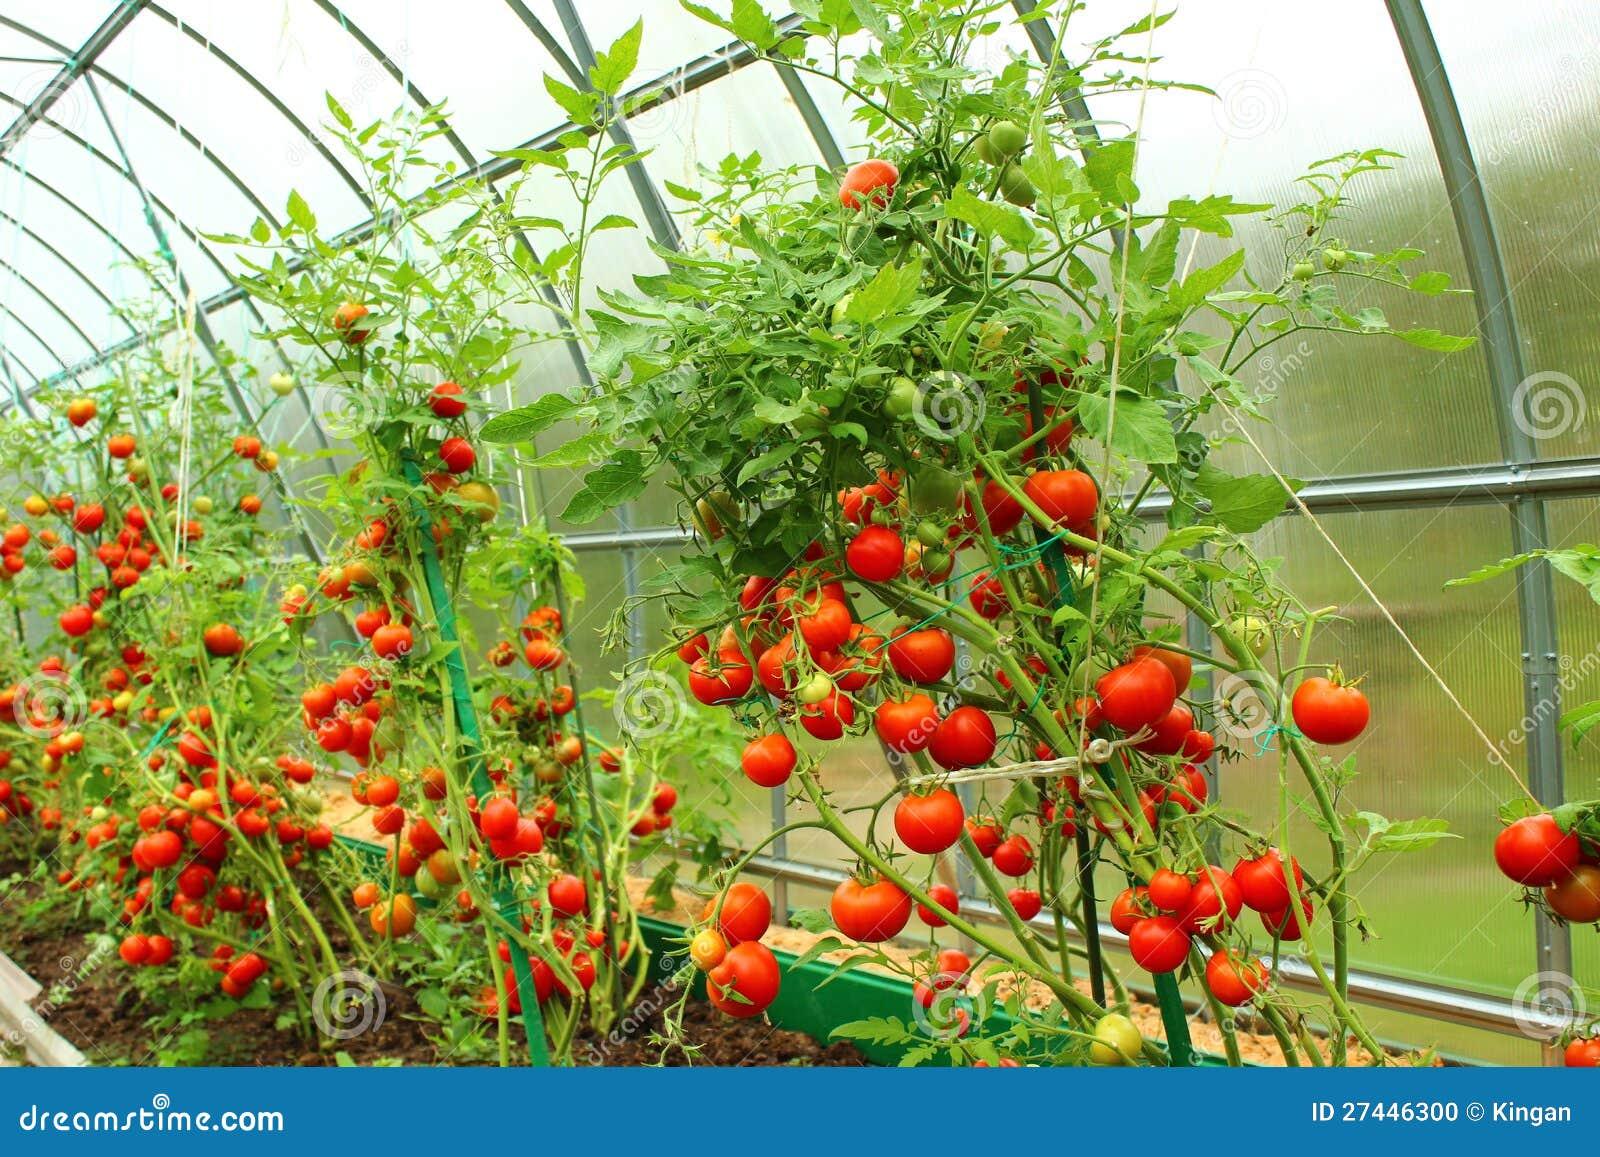 Что сделать чтобы зелёные помидоры покраснели? 94